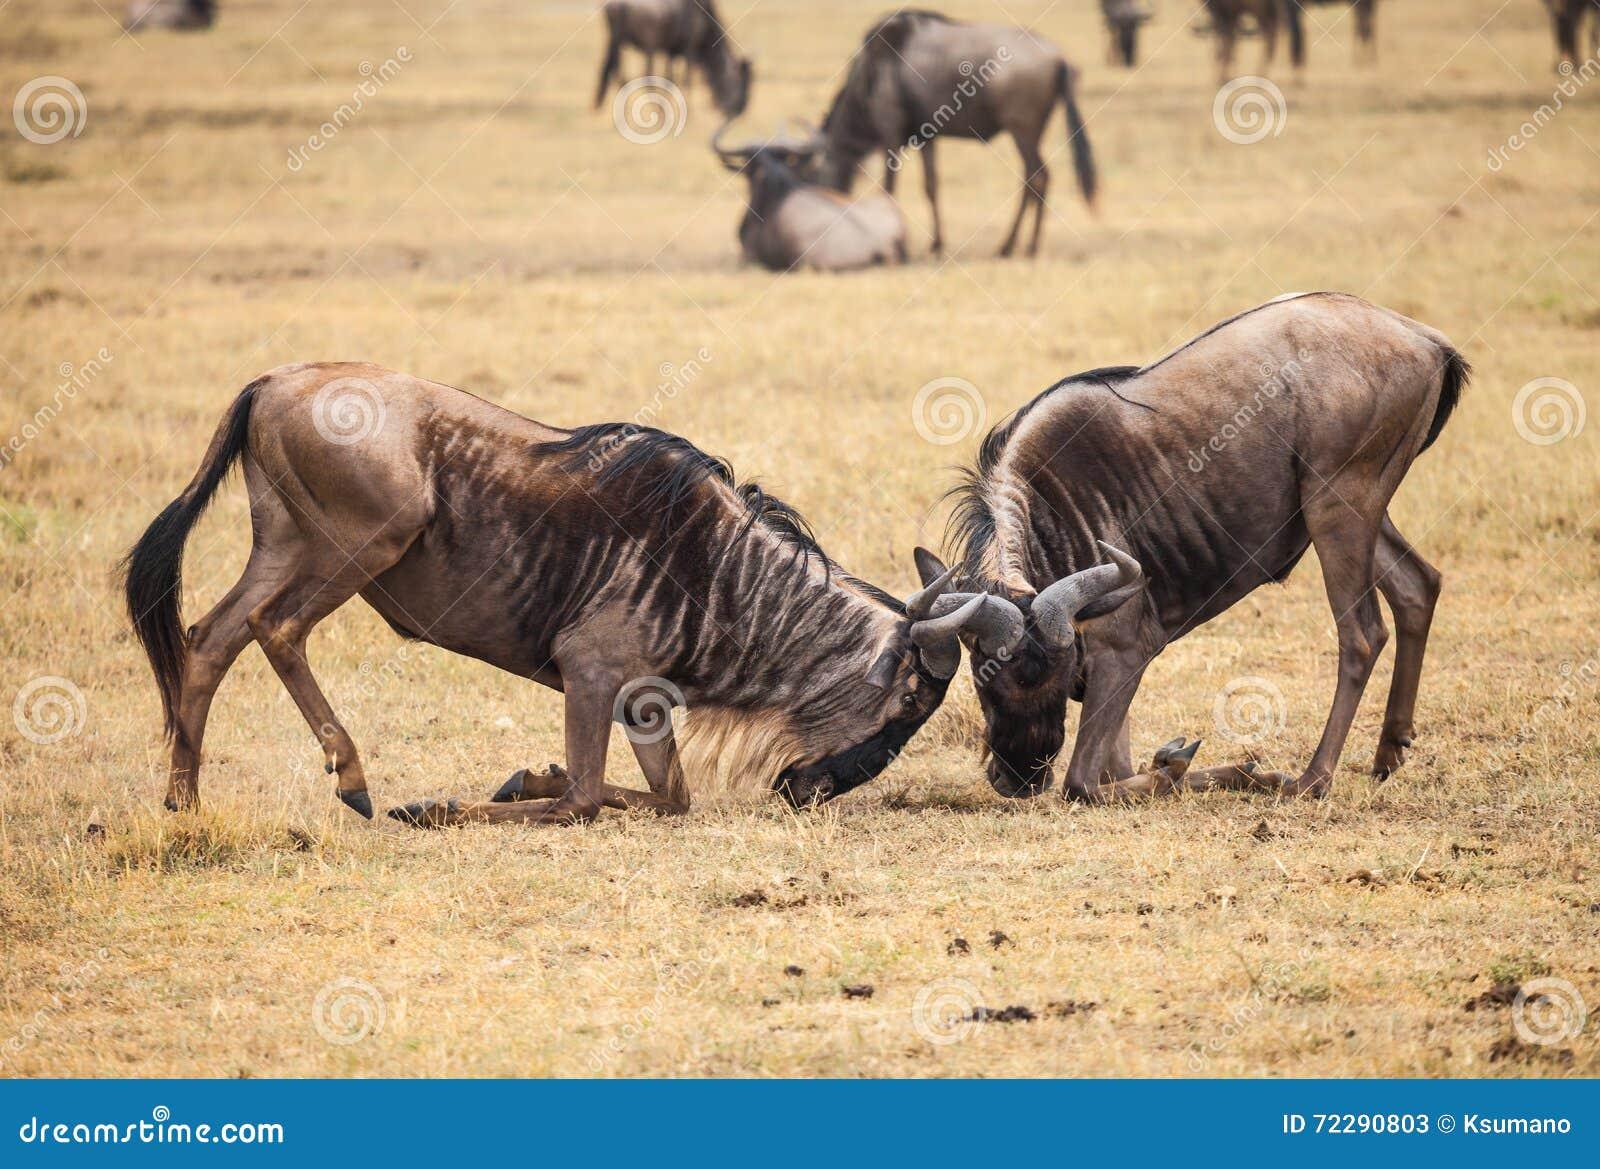 Download Бой антилопы гну стоковое изображение. изображение насчитывающей развилки - 72290803